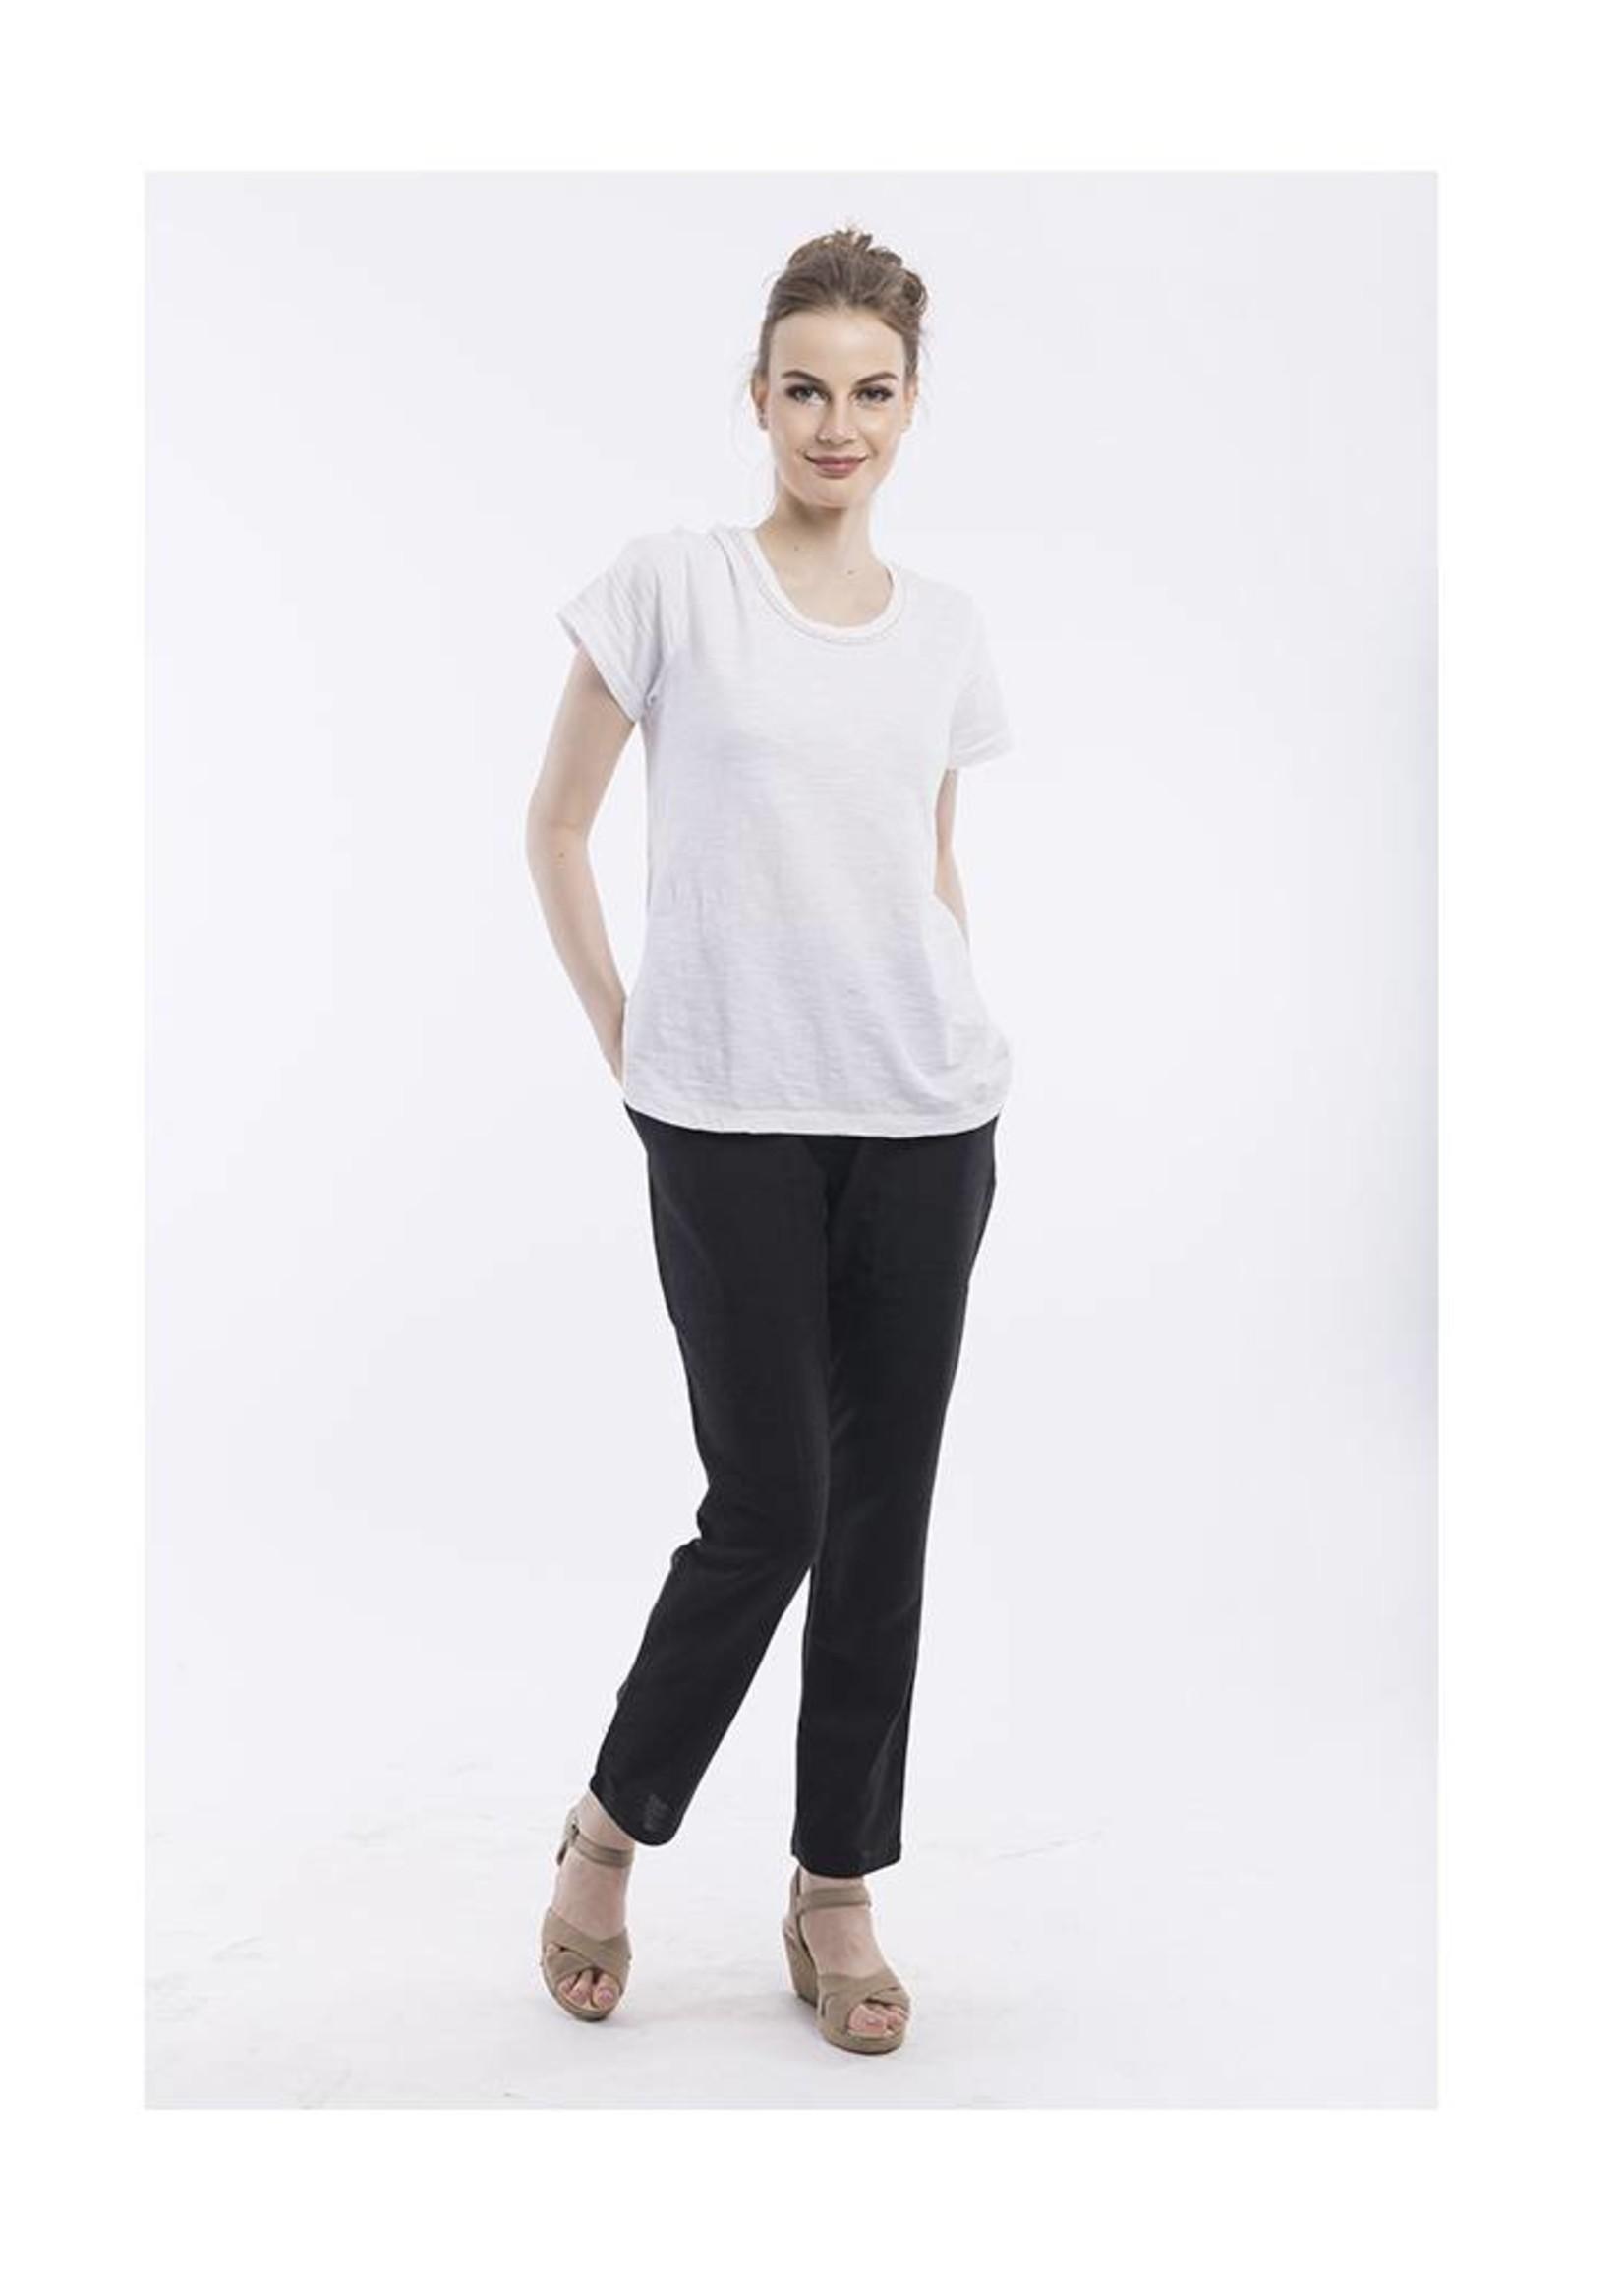 Orientique Linen Pants in Black